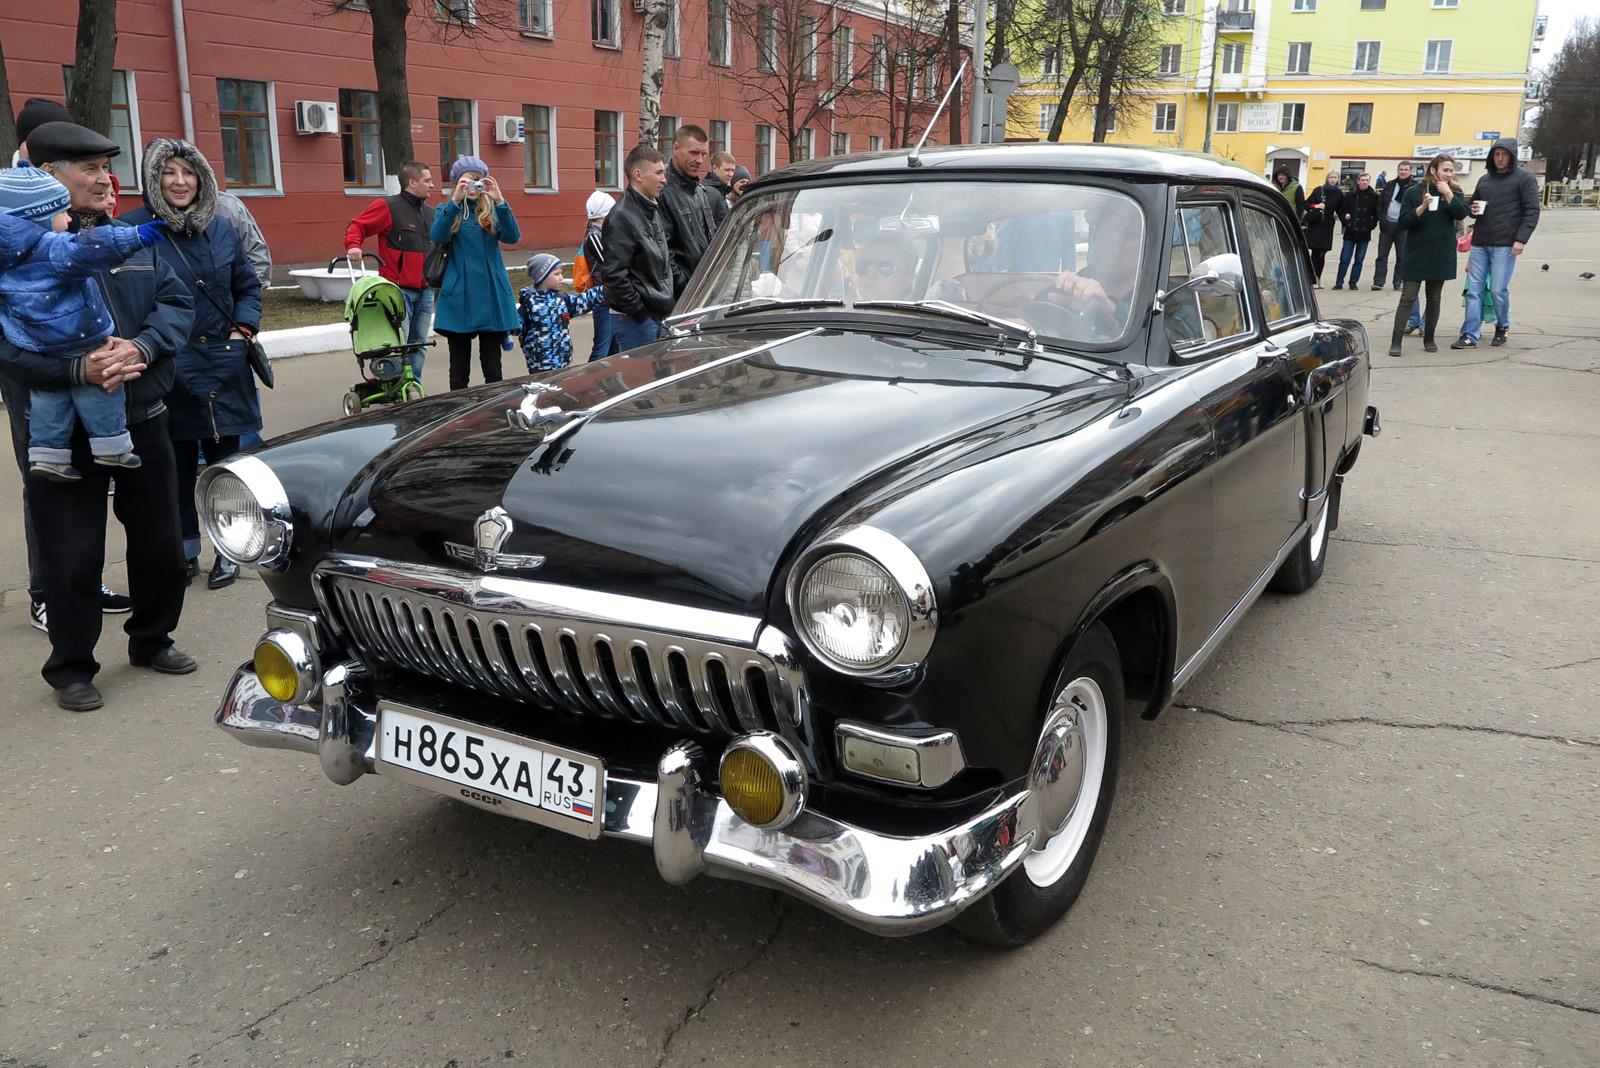 2029 ГАЗ-21 №н865ха.JPG